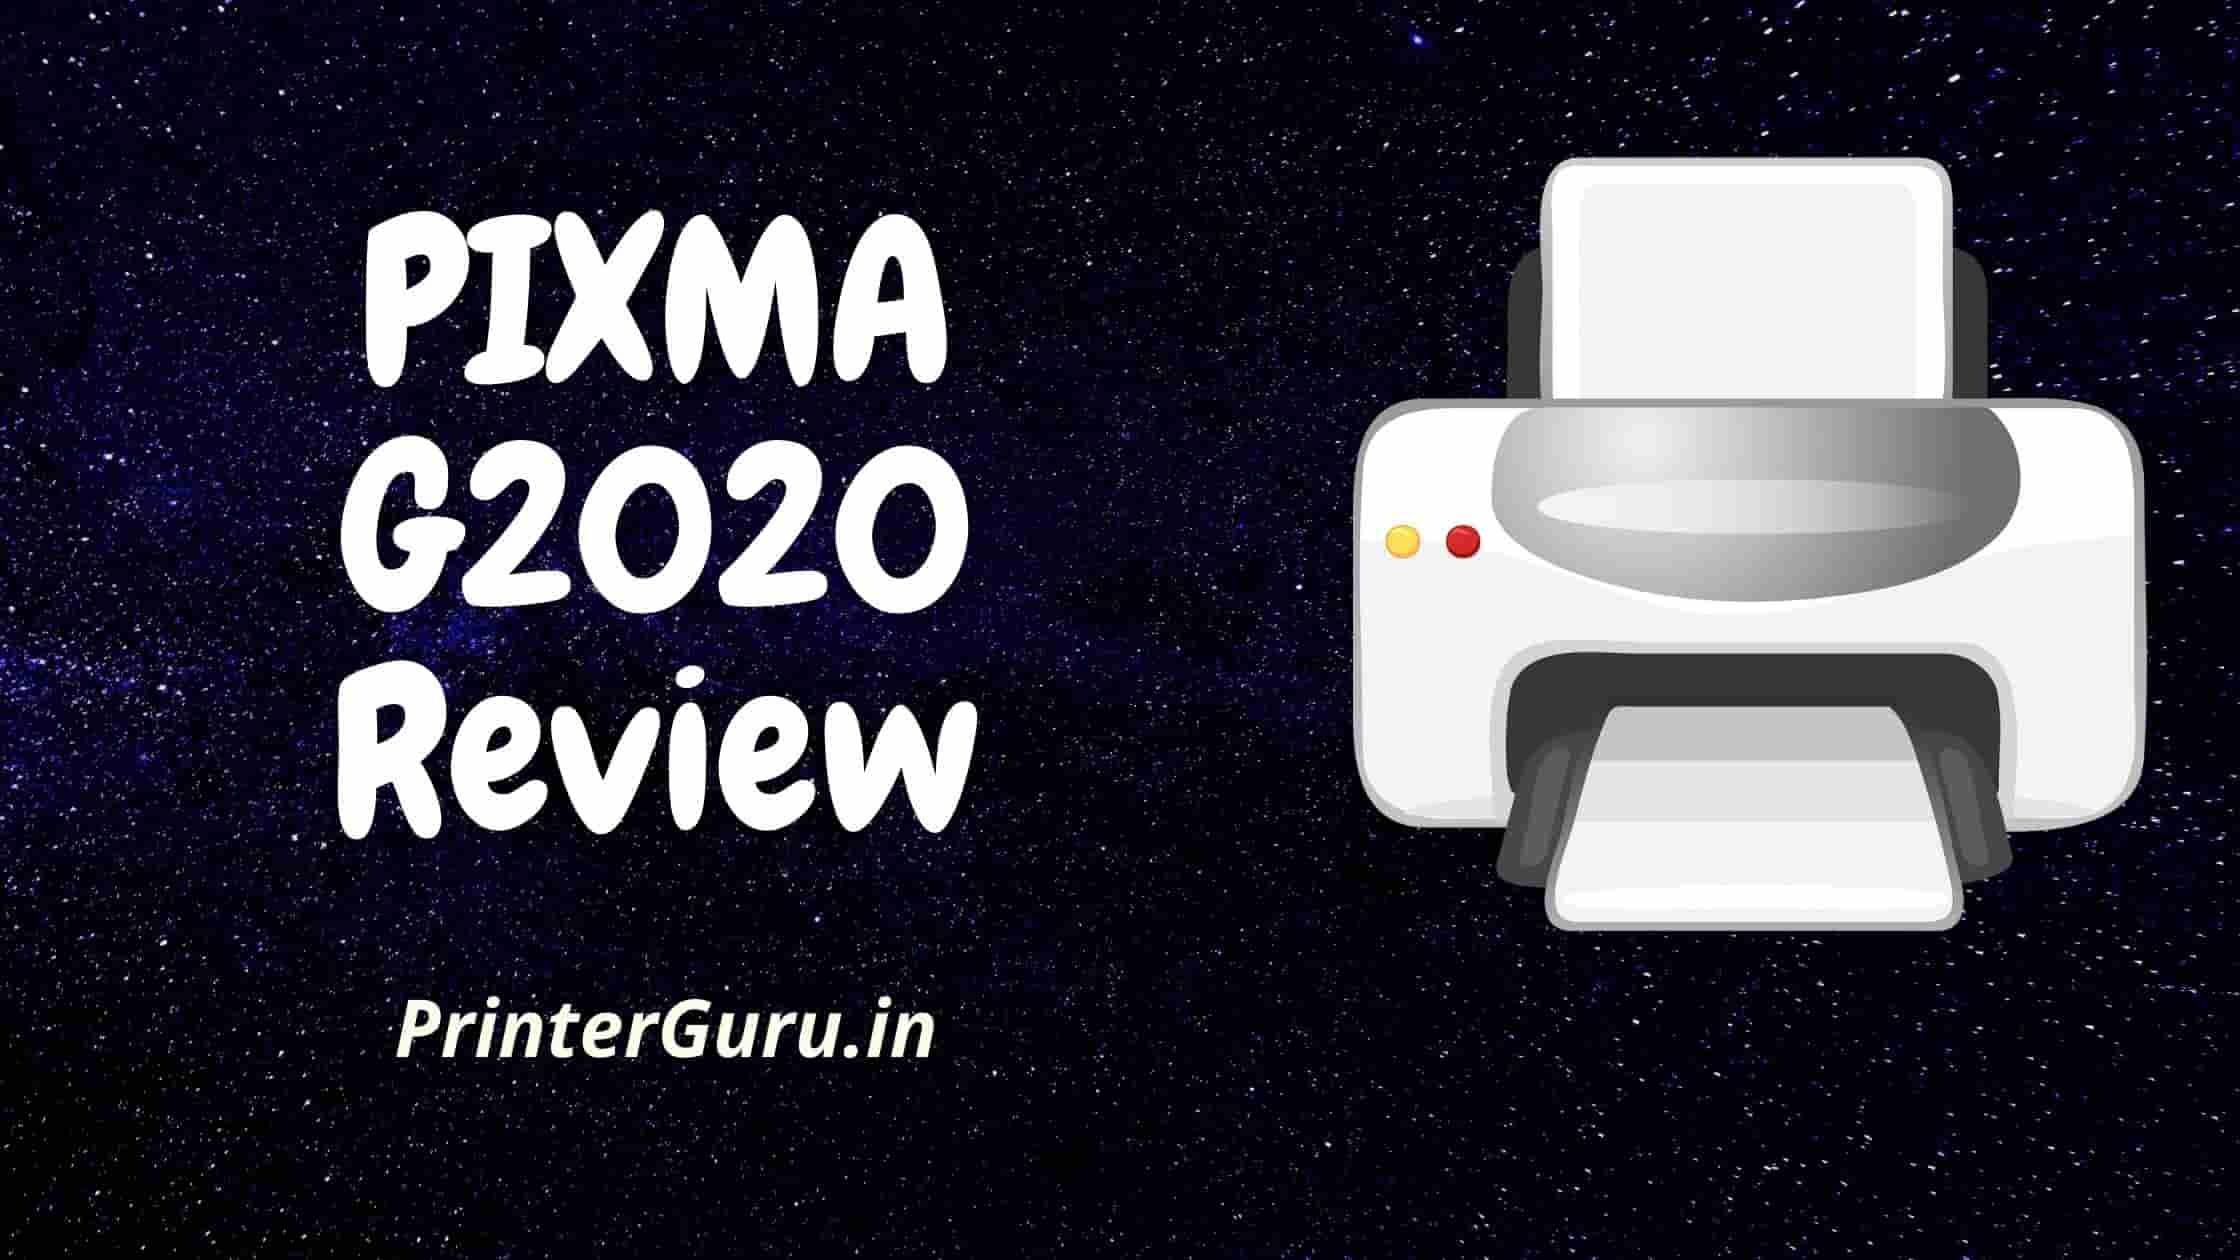 PIXMA G2020 Review